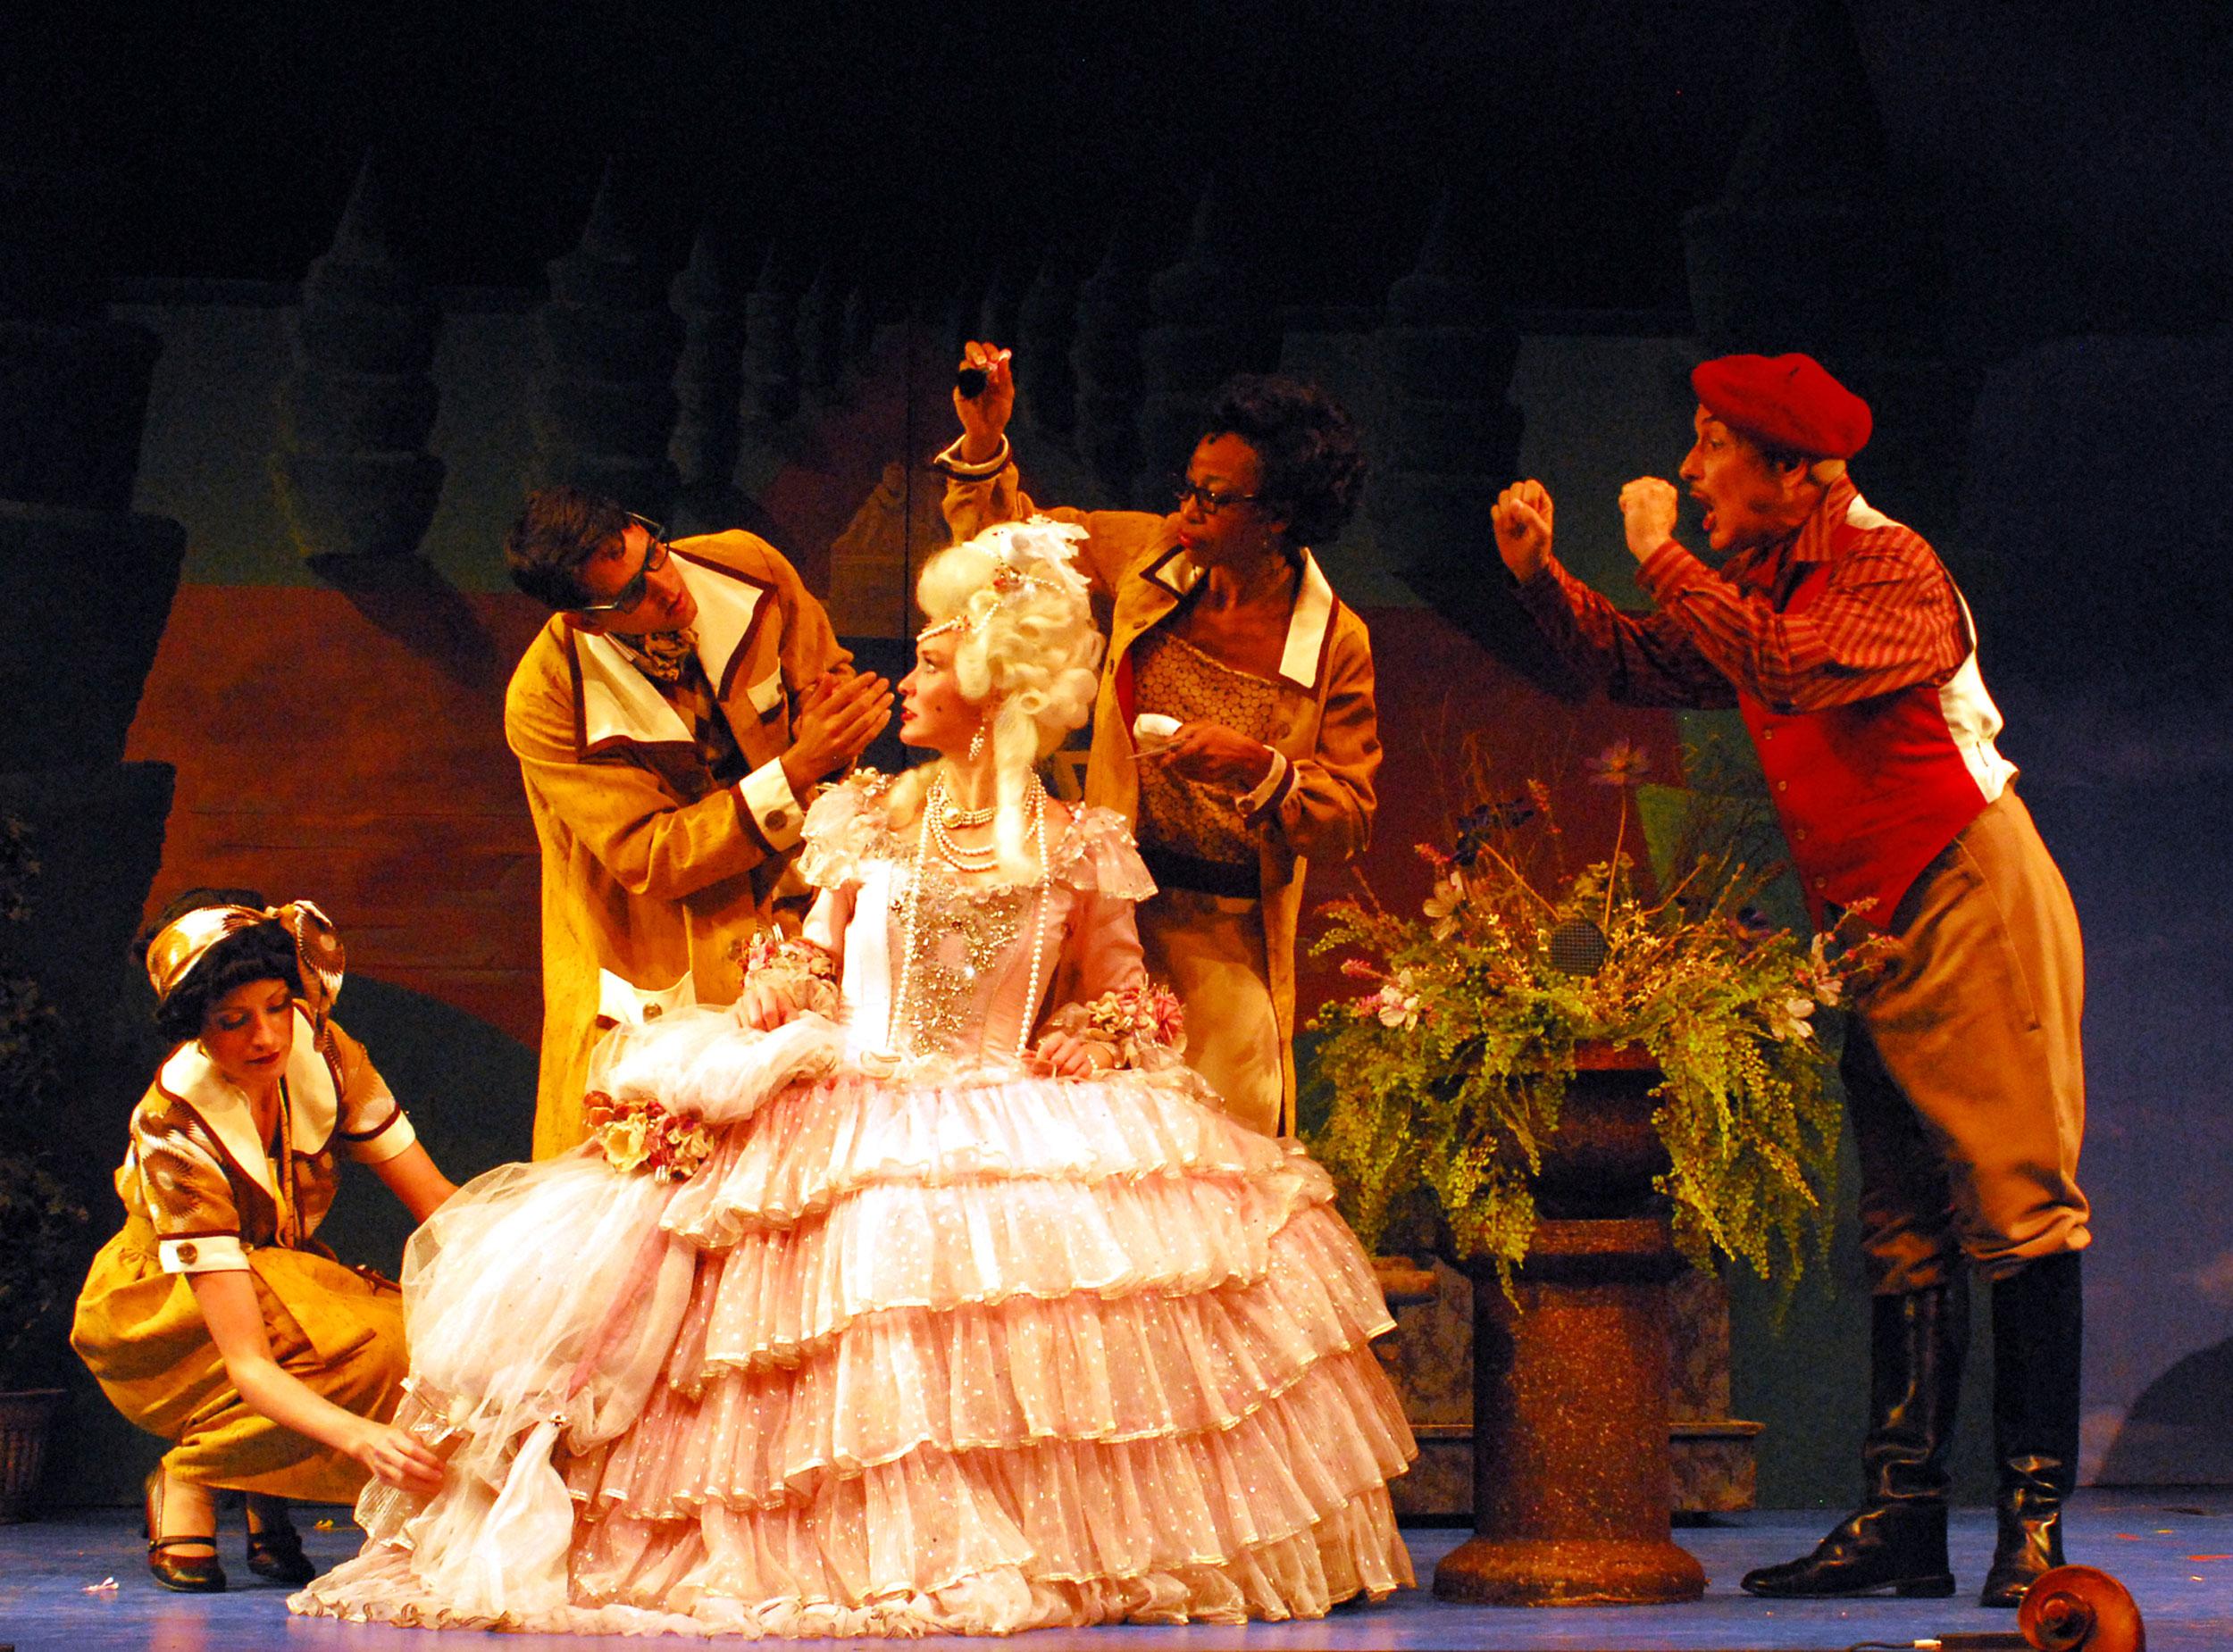 2009_SITR_Amy-Bodnar_Cast_Talking-Dueling-Cavalier_photo-by-Stuart-Nudelman.jpg